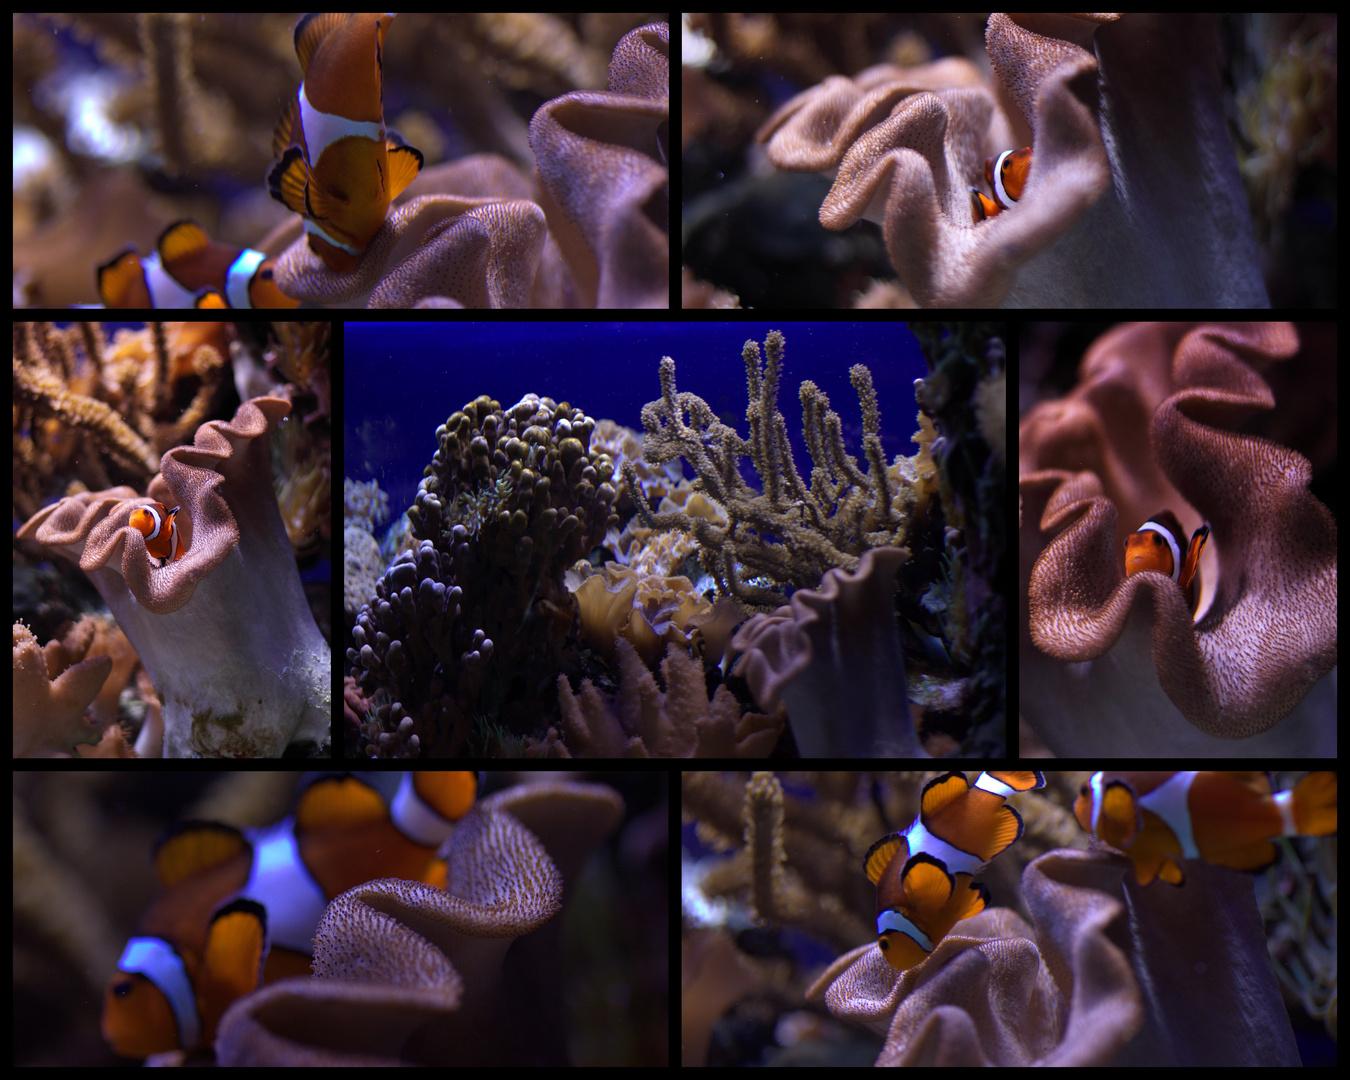 Nemo: gesucht und gefunden!